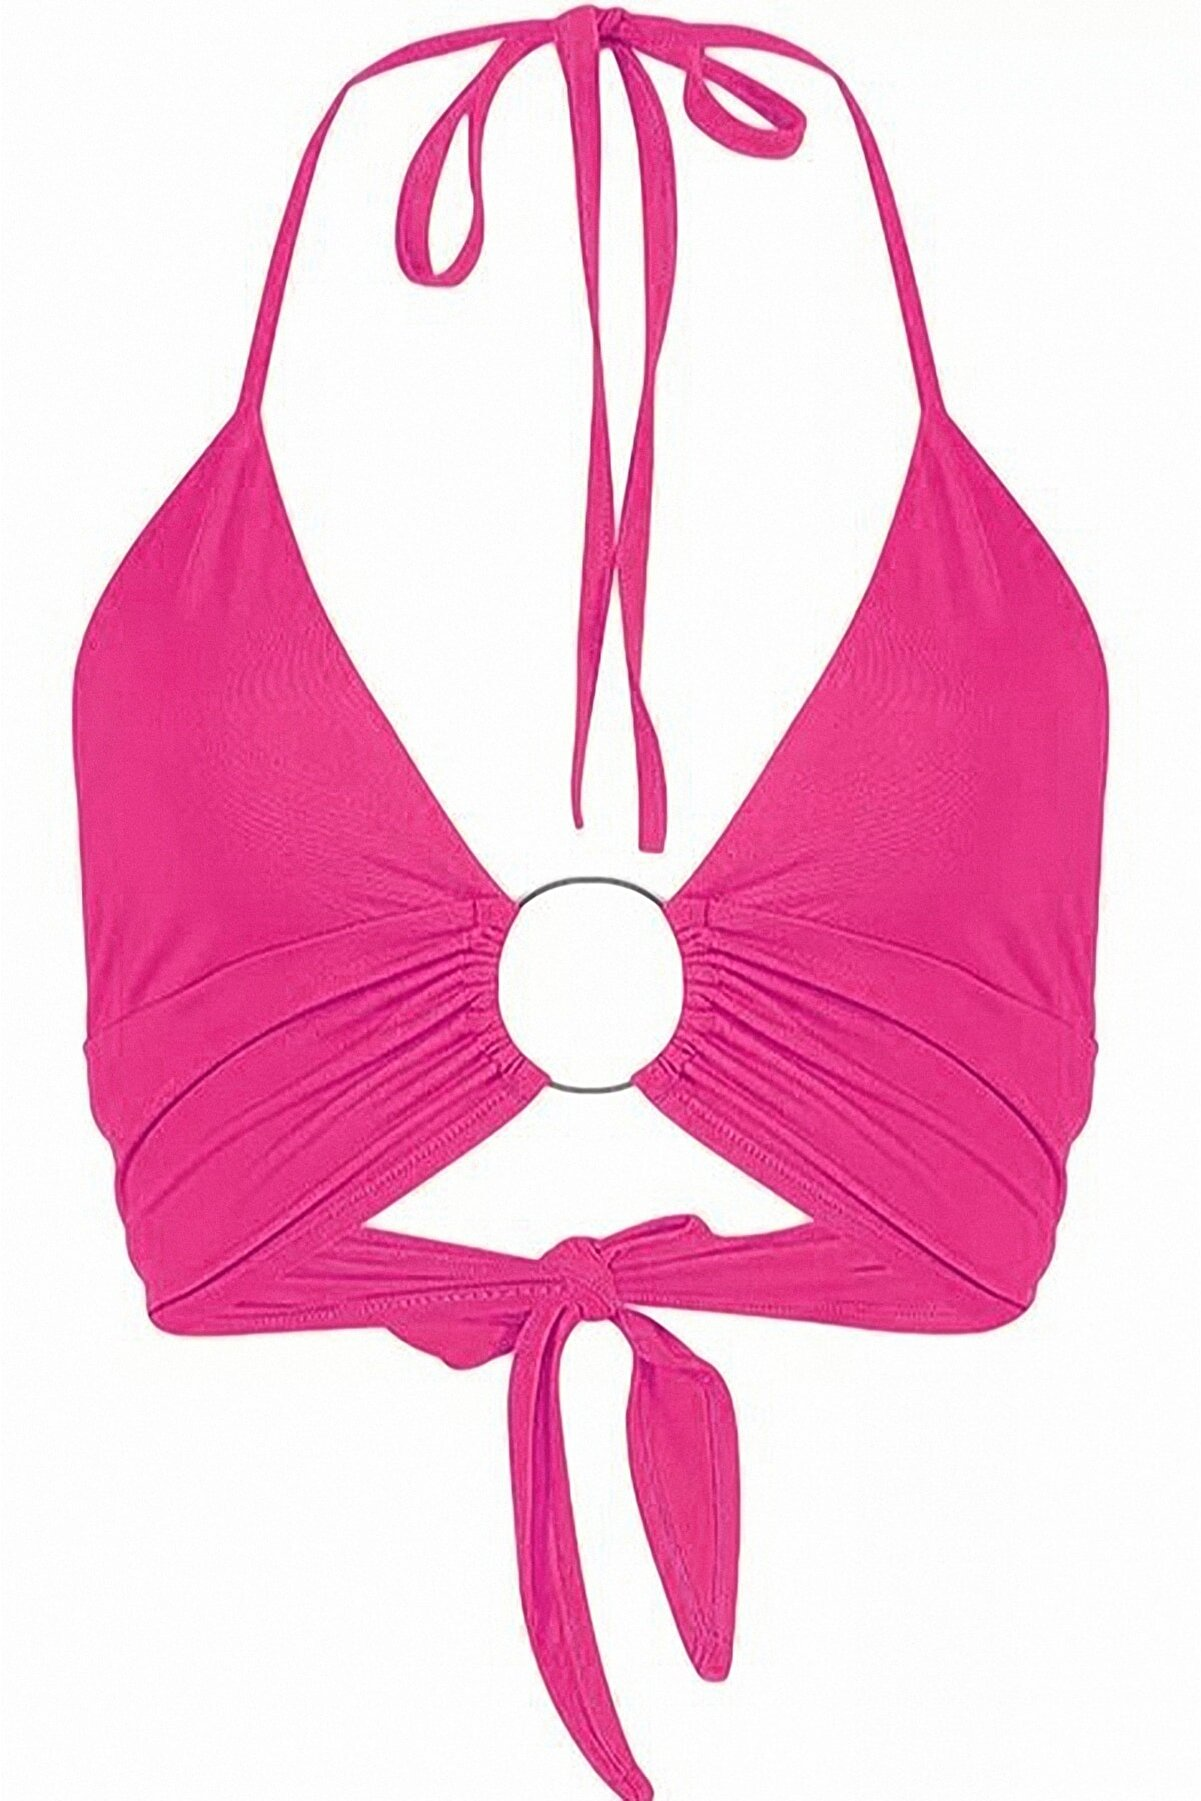 Transacoustic Pembe Halkalı Tulumlu Bikini Üstü